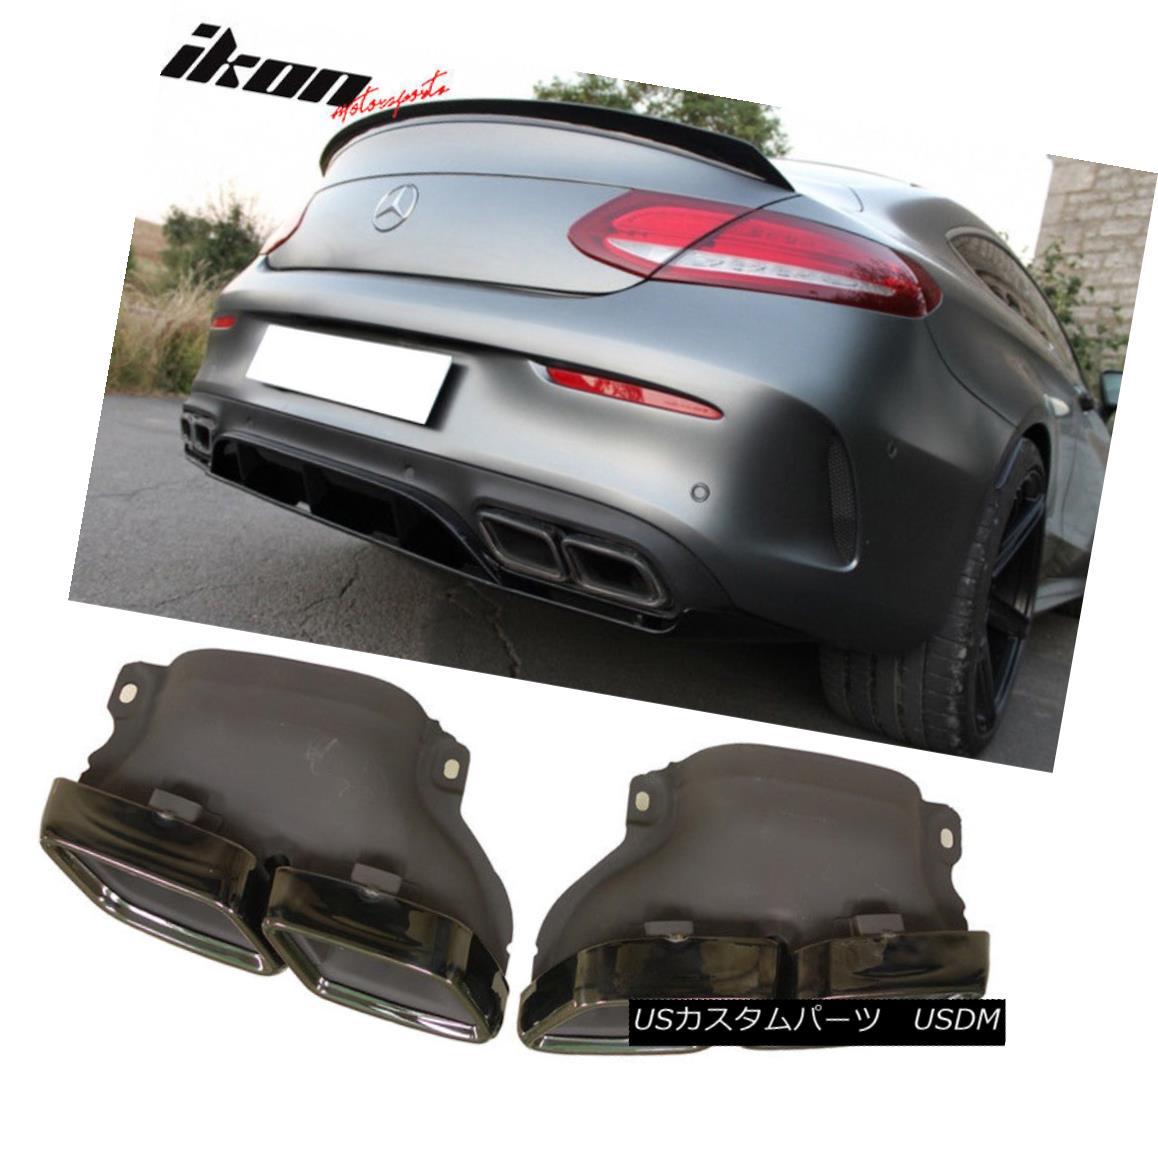 エアロパーツ Fits 15-18 Benz GLE GLS SL W213 C-Class AMG Style Exhaust Tips Black Chrome Pair フィット15-18ベンツGLE GLS SL W213 CクラスAMGスタイル排気チップブラッククロームペア